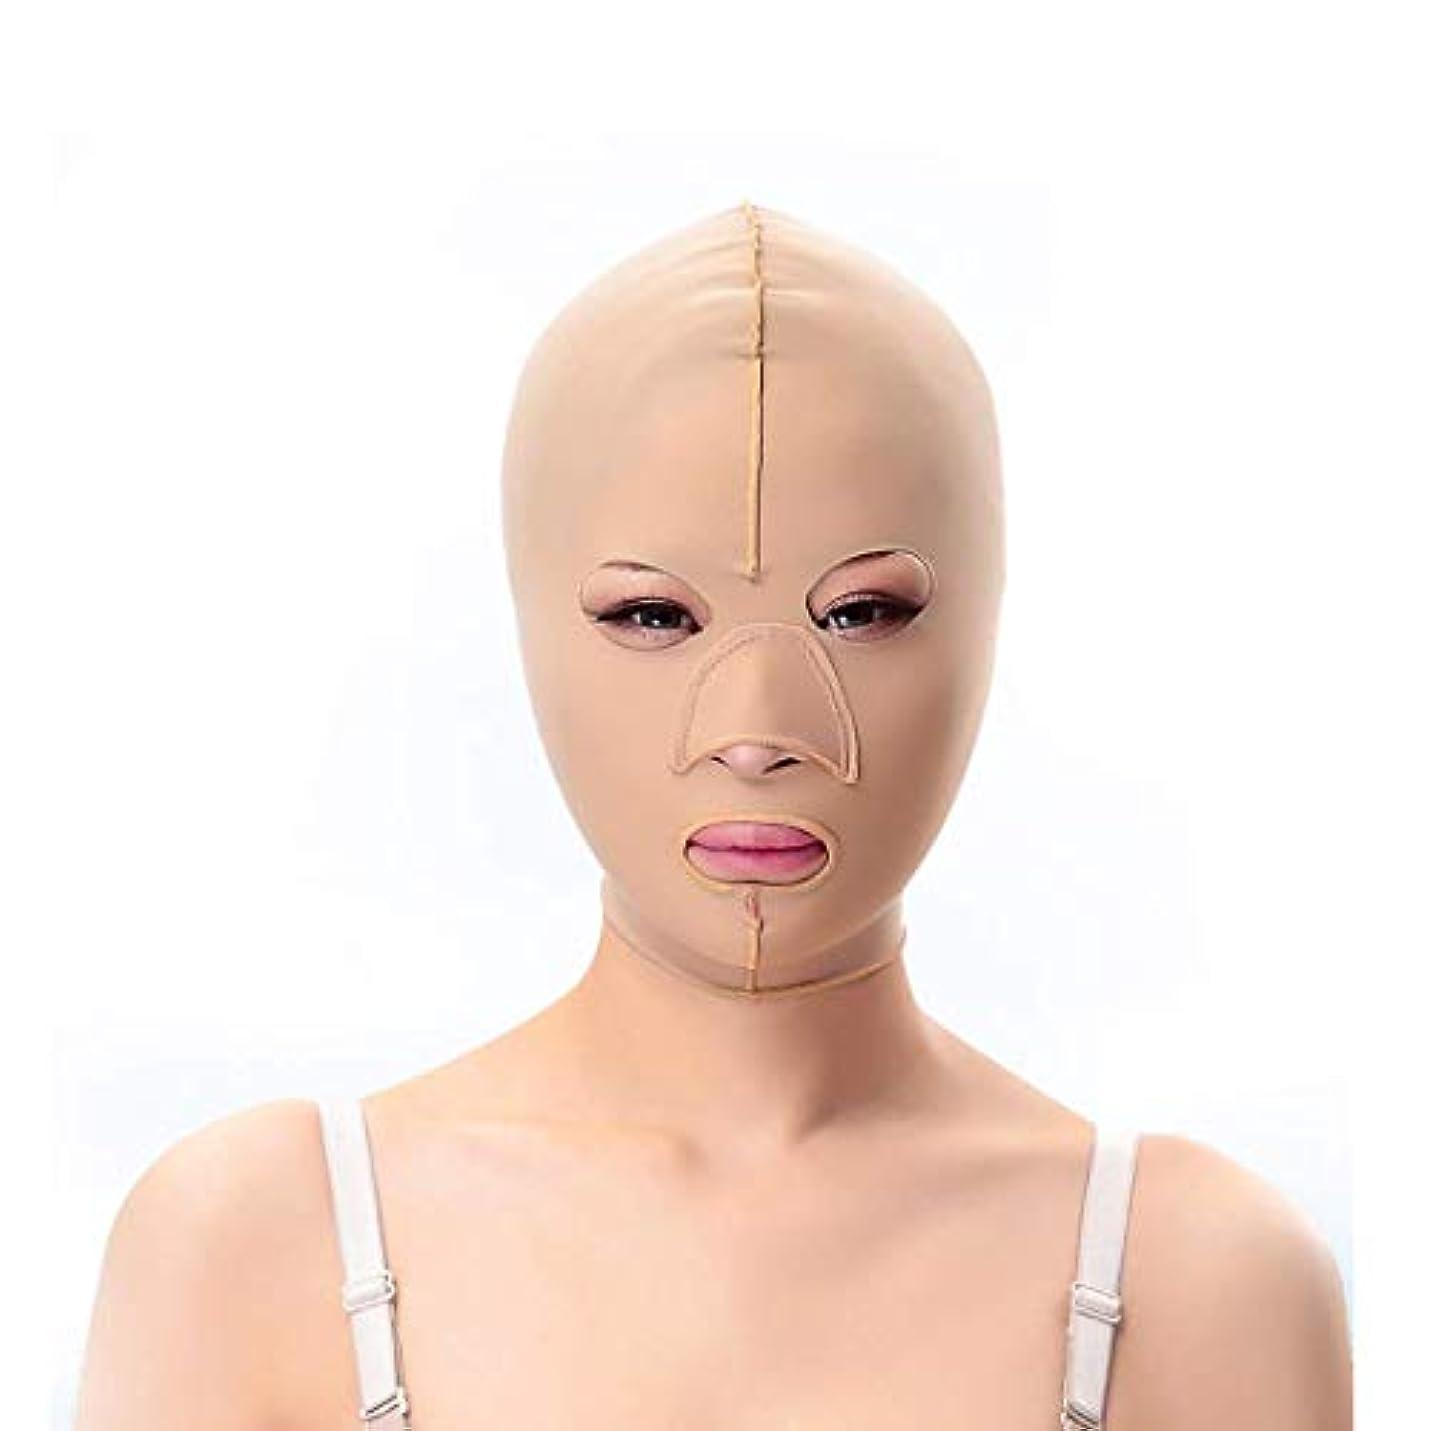 バンカー消費者望みスリミングベルト、二重あごの引き締め顔のプラスチックフェイスアーティファクト強力なフェイス包帯を脇に持ち上げるパターンを欺くためのフェイシャルマスクシンフェイスマスク(サイズ:L),XXL